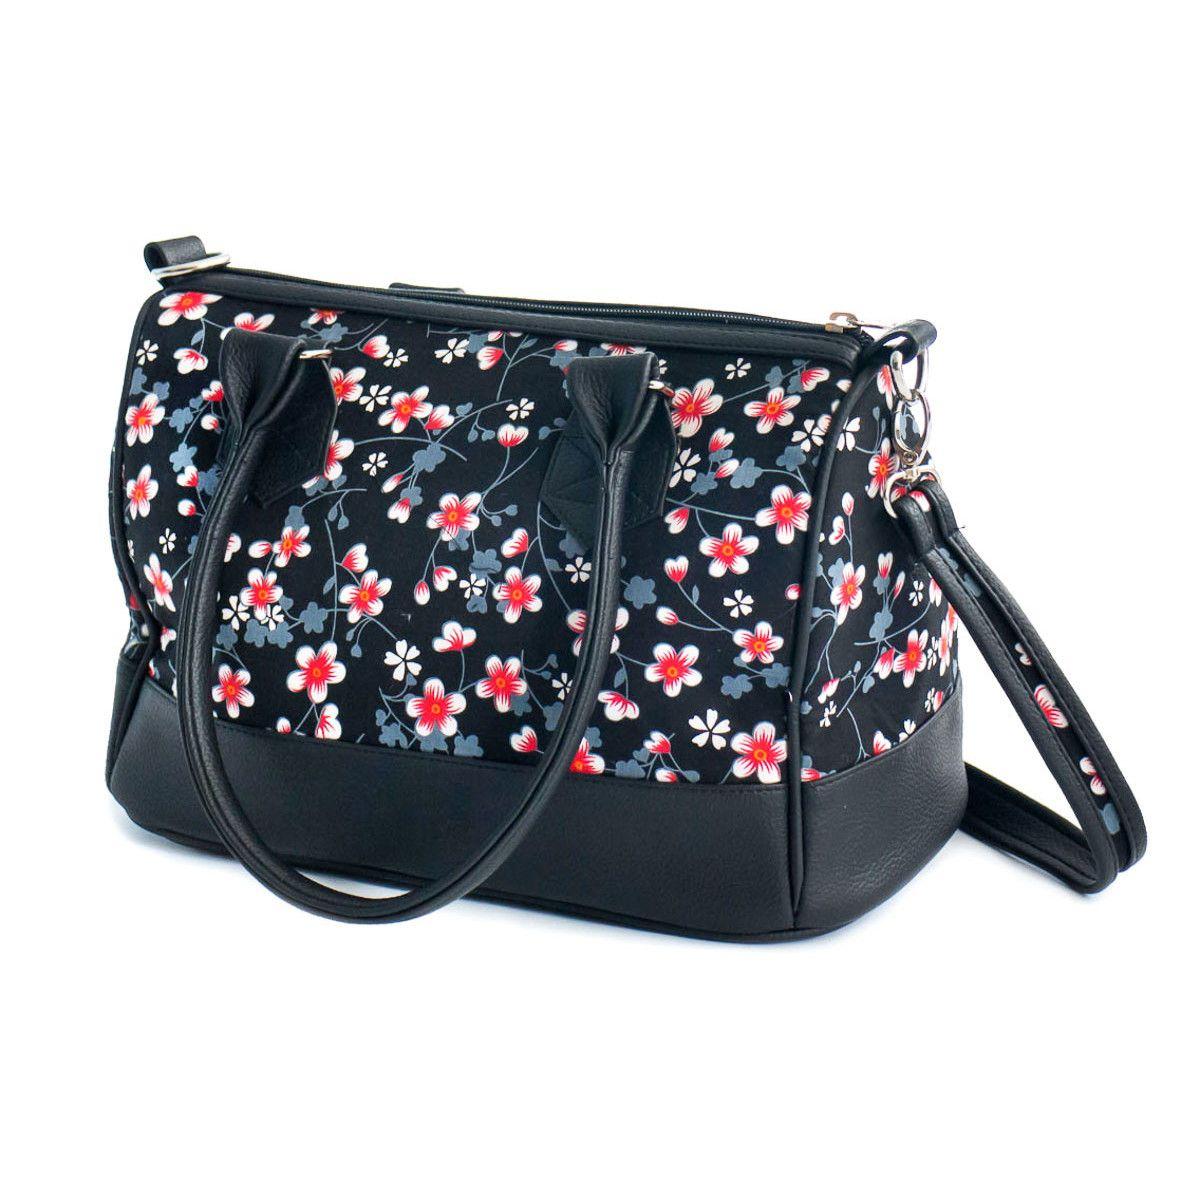 Sac à main femme bowling noir et fleurs cerisiers